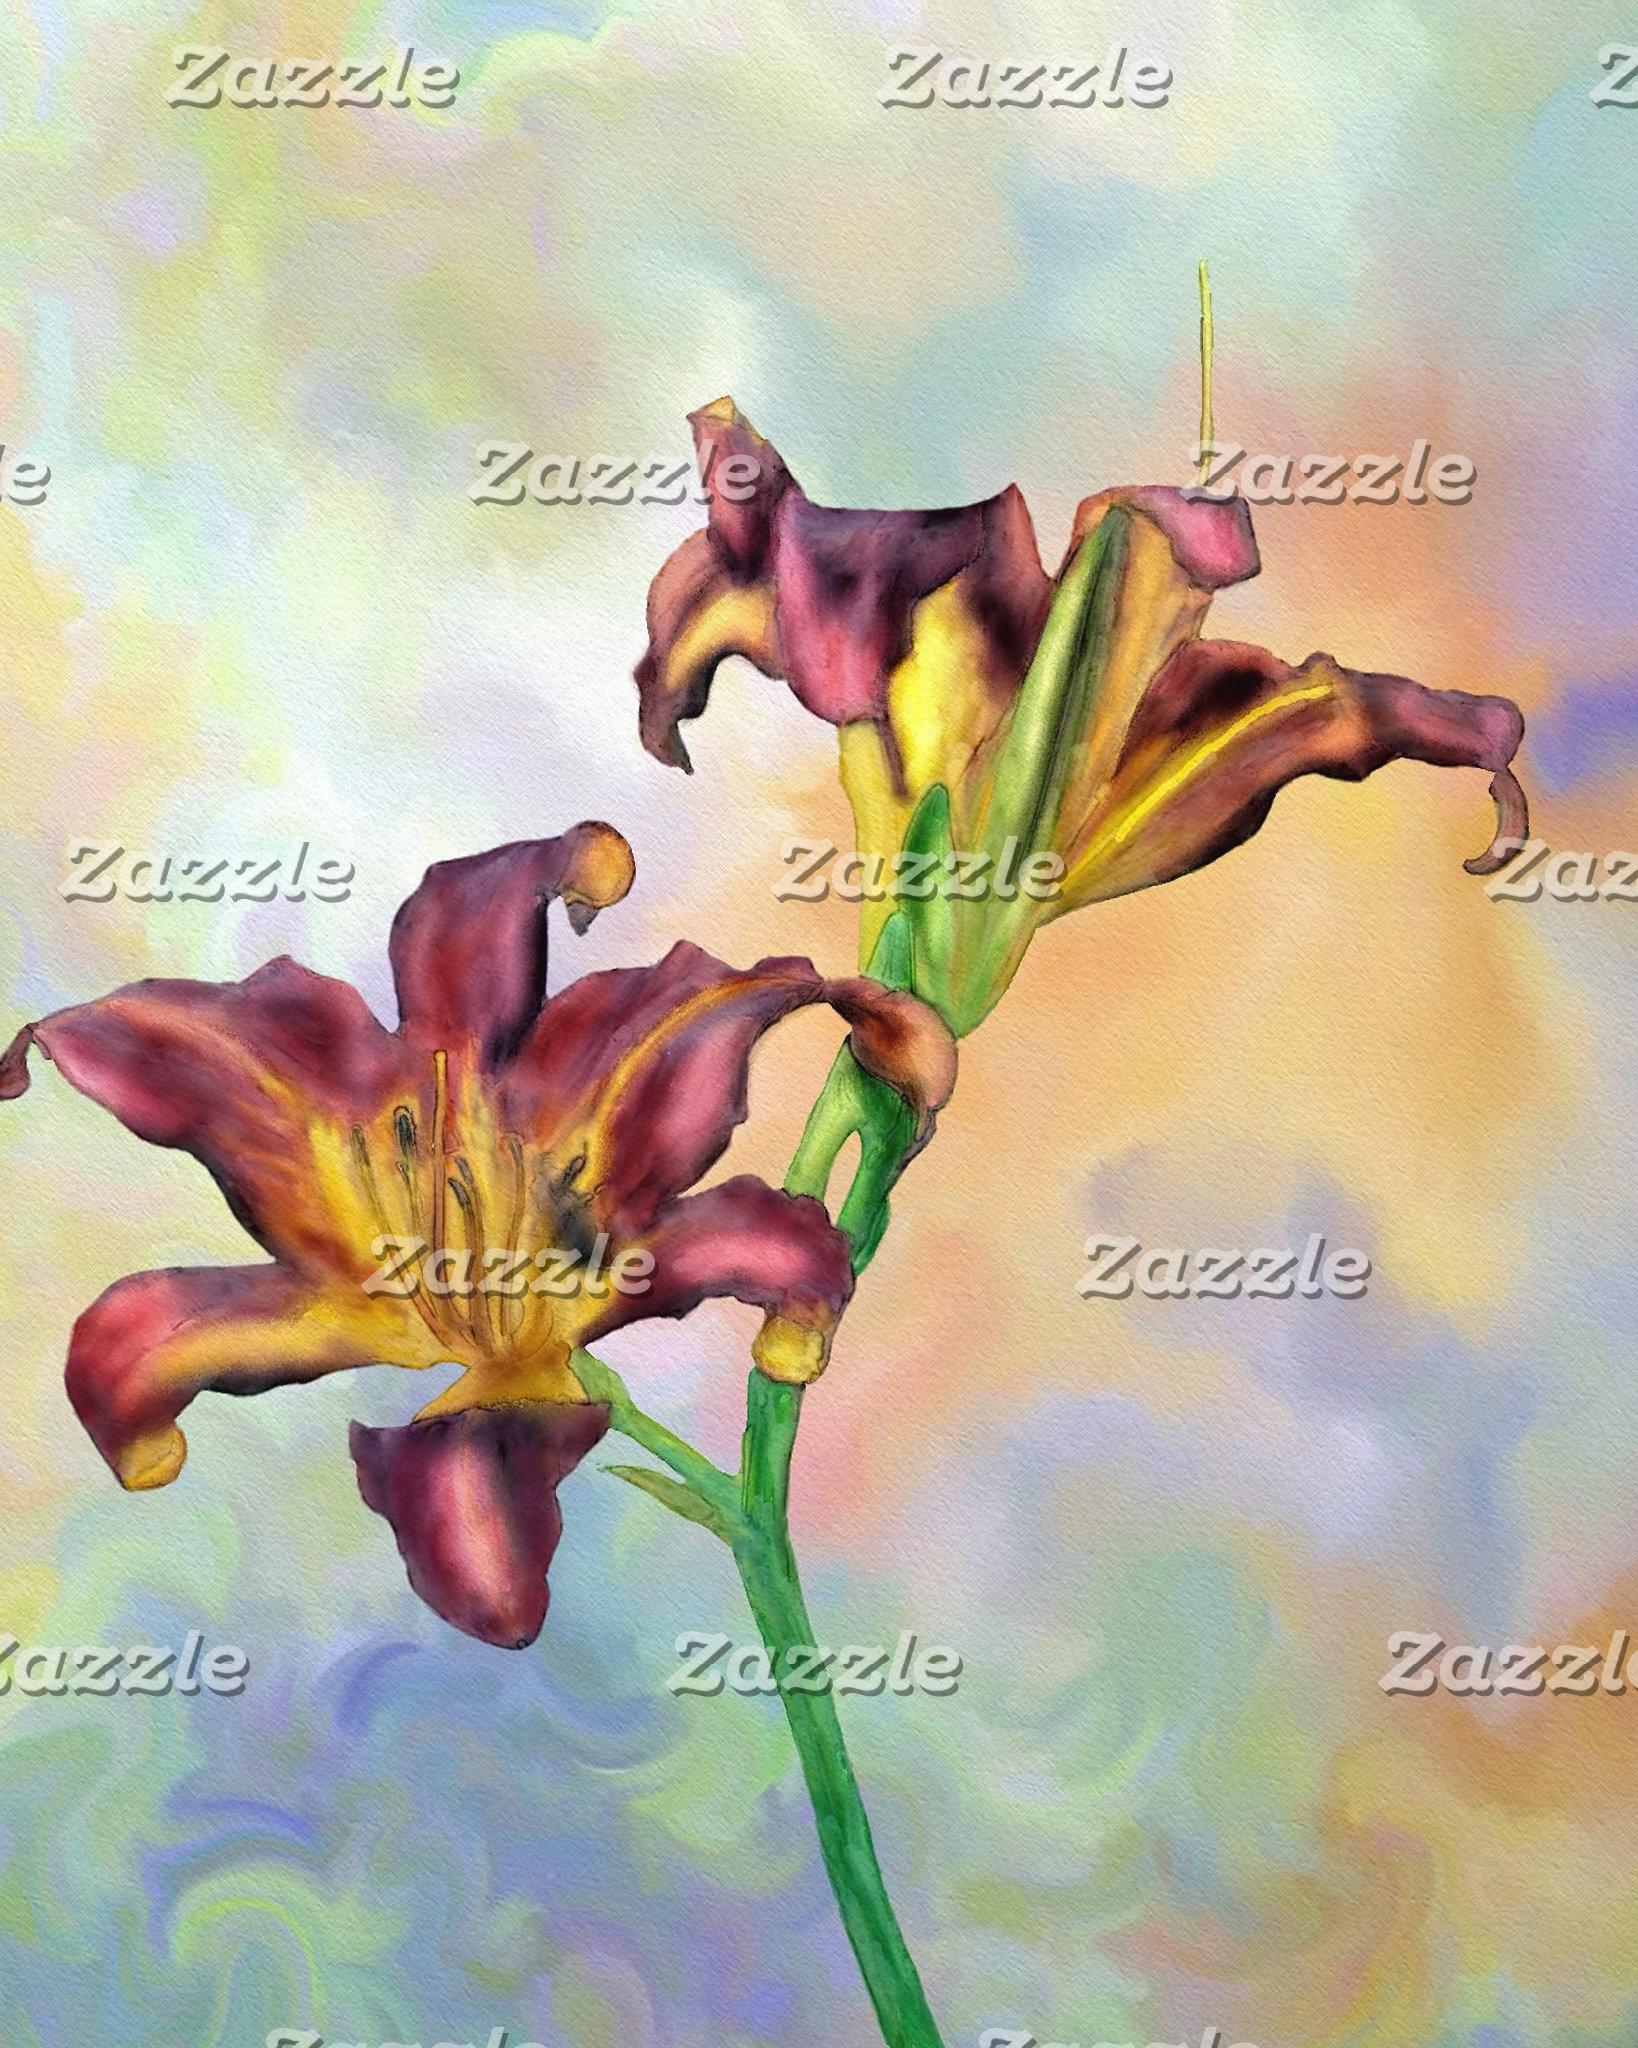 Floral / Botanical